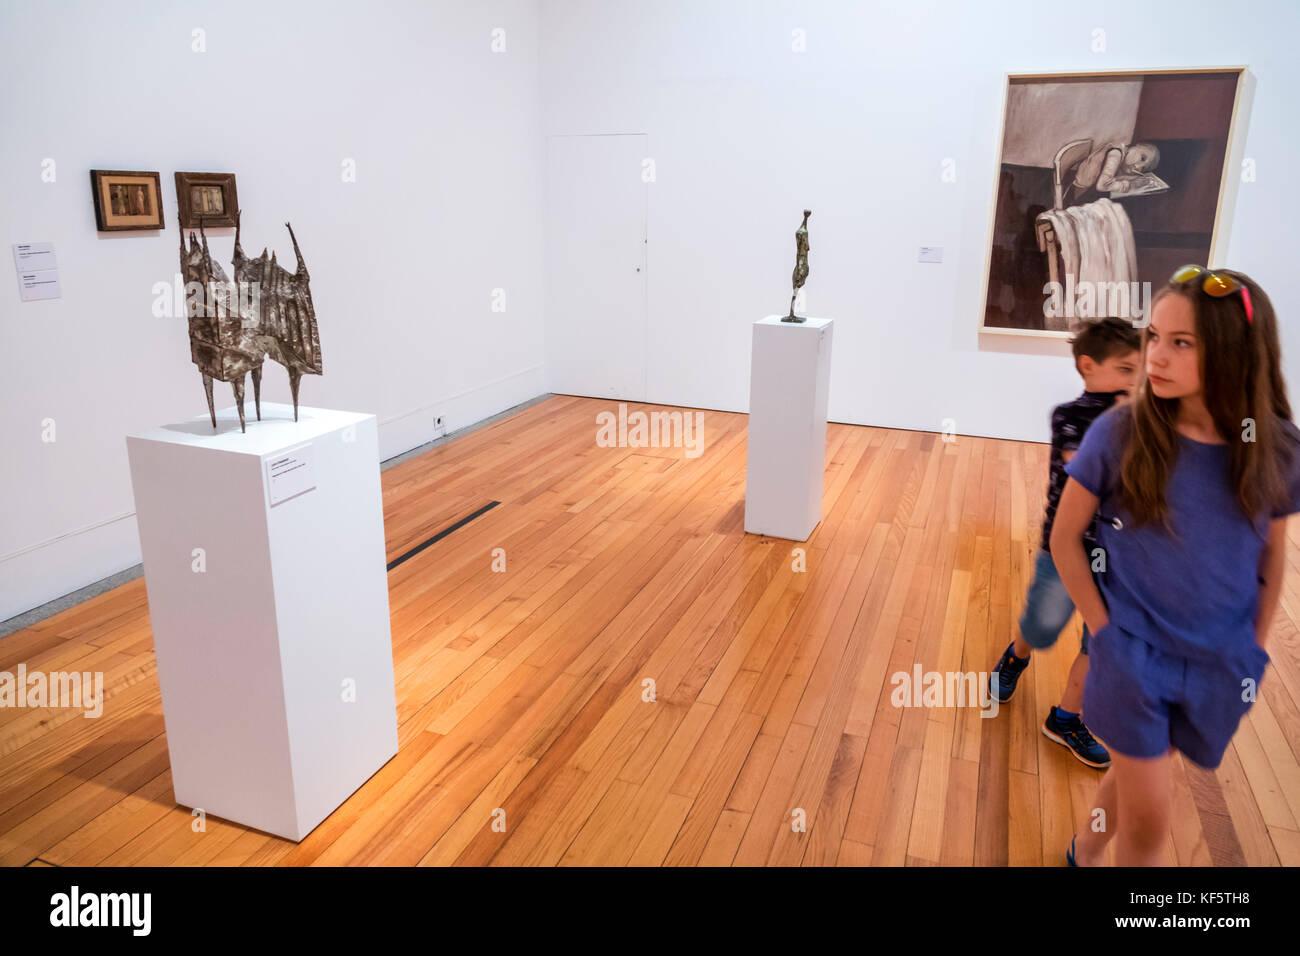 Lisbon Portugal Belem Centro Cultural de Belem Museu Colecao Berardo Berardo Collection contemporary modern art - Stock Image